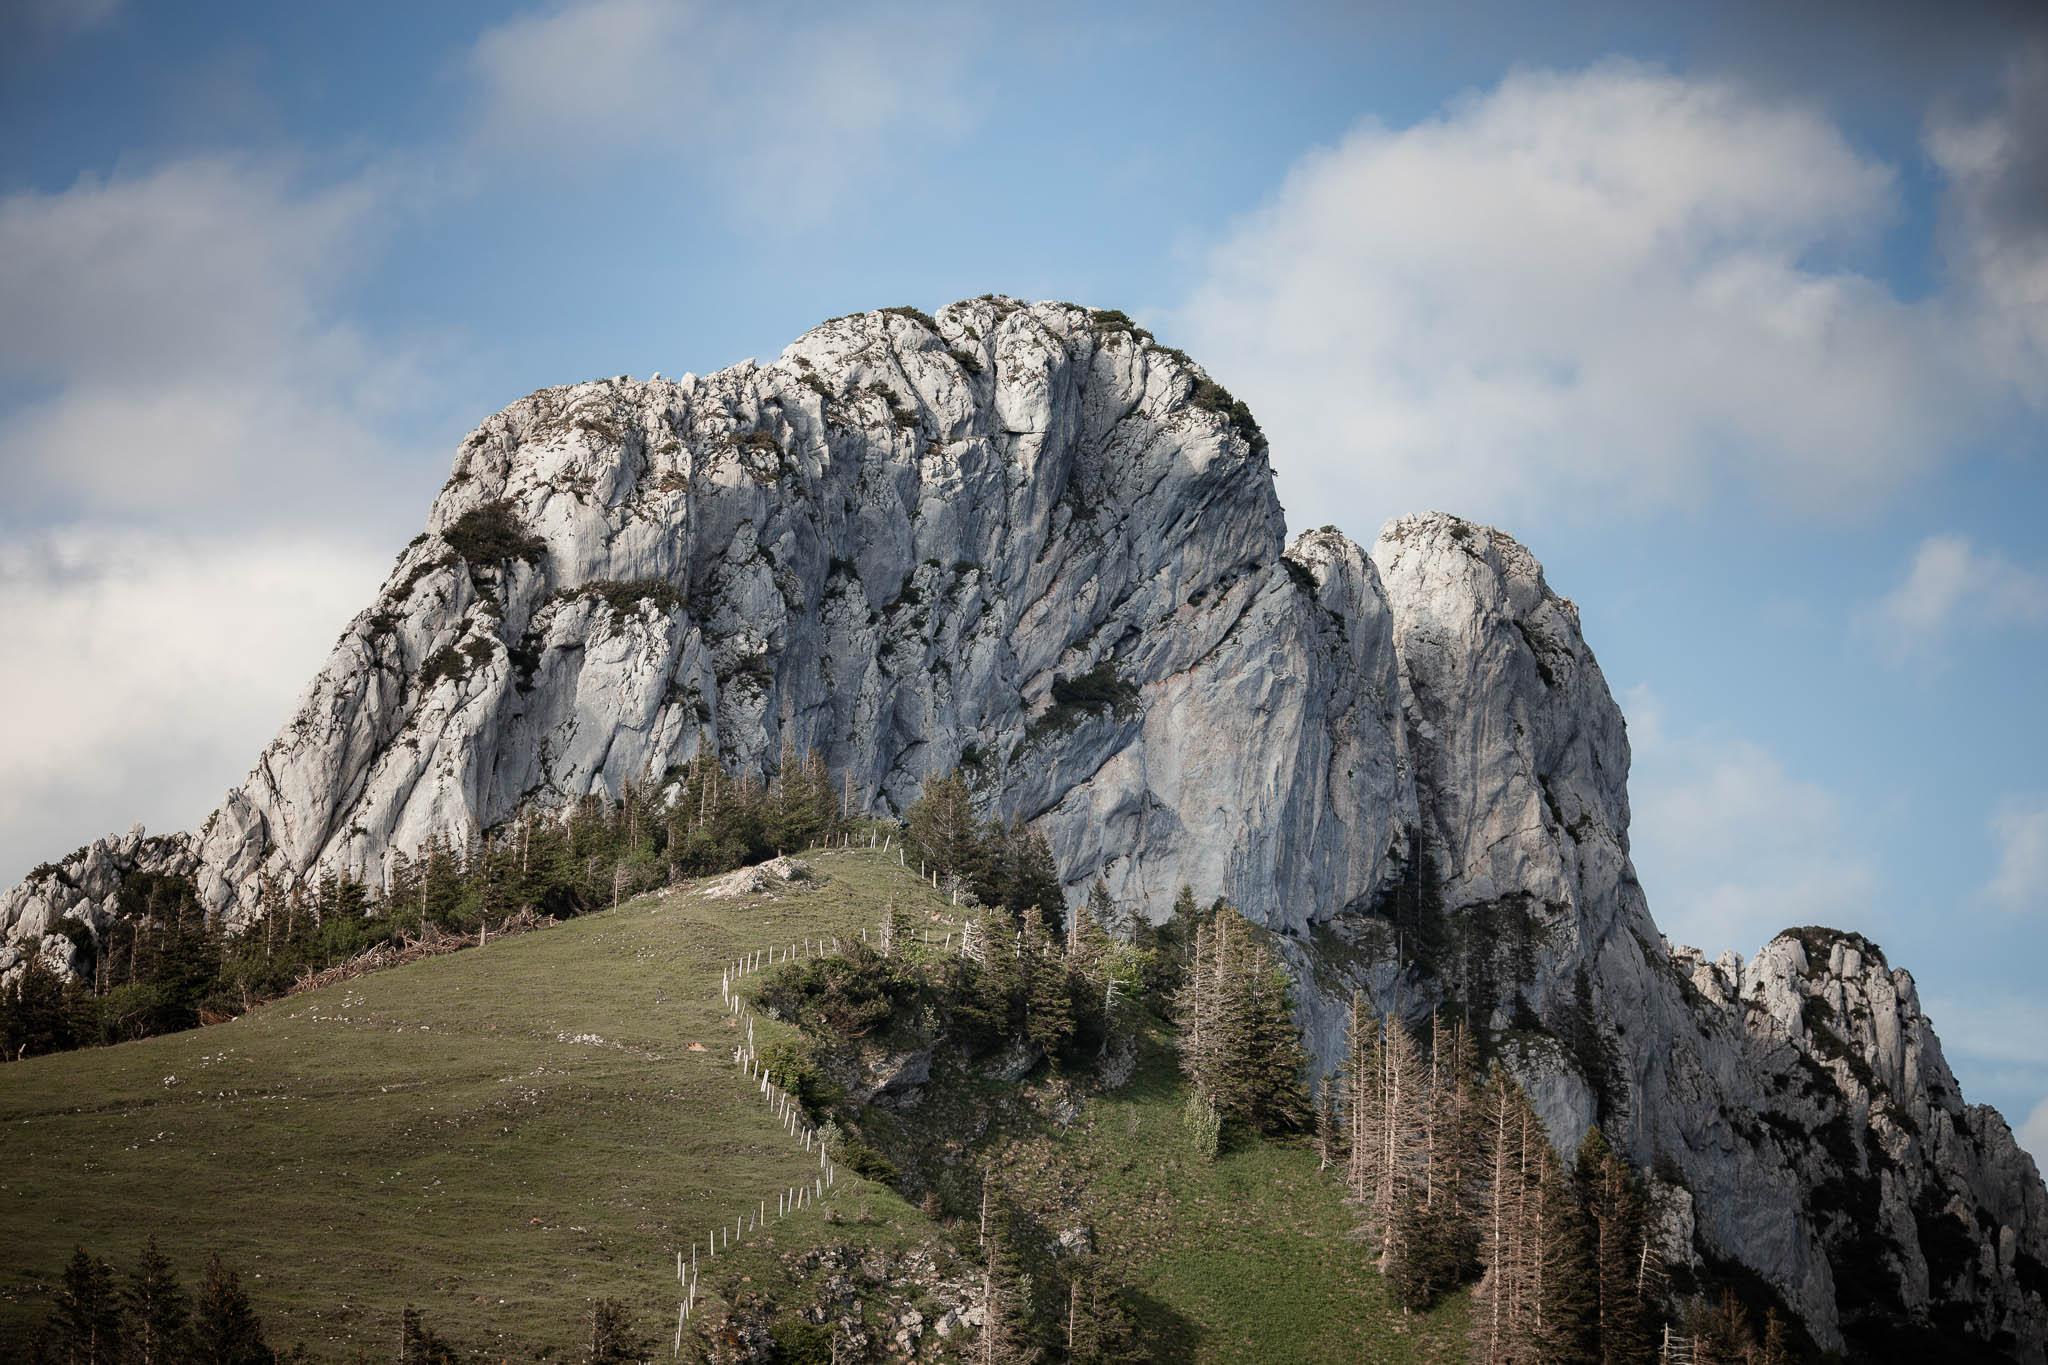 Hochzeitsfotograf Alpen, Chiemgau: freie Trauung von Dennis & Dirk 67